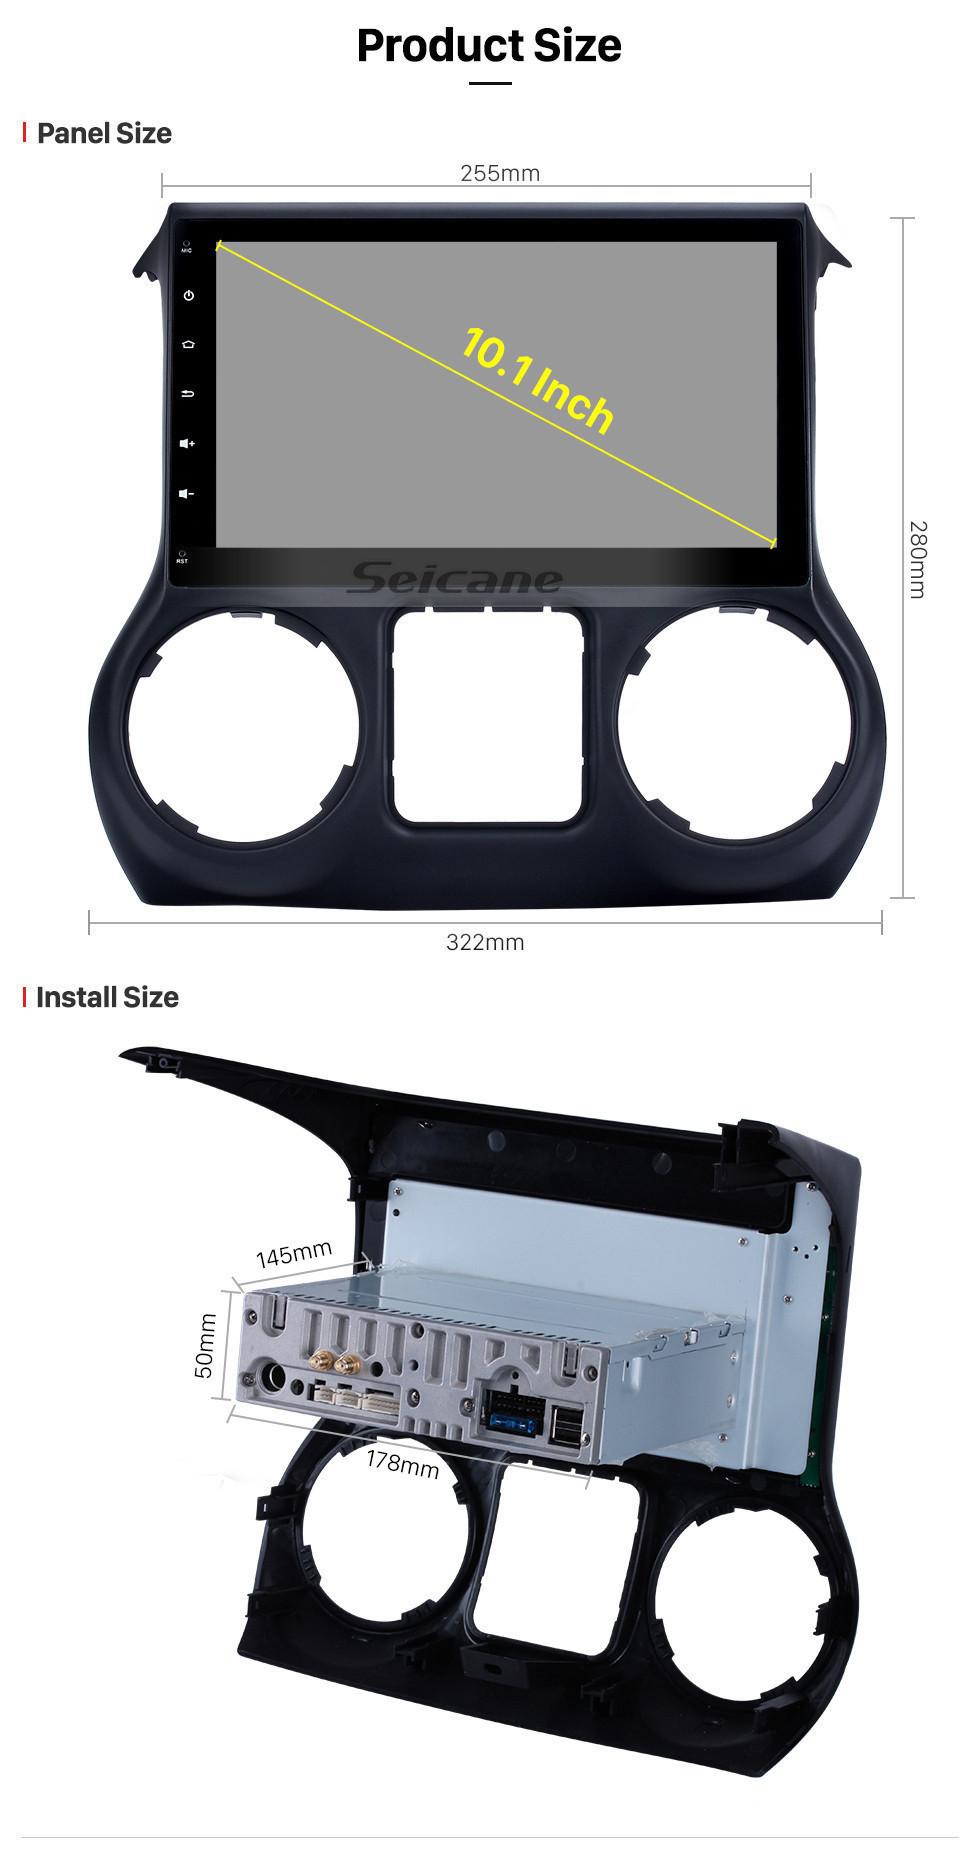 Seicane para 2011 2012 2013 2014 2015 2016 2017 JEEP Wrangler 10,1 polegadas HD Touch Screen para Android 10.0 Navegação GPS Rádio com link de espelho Bluetooth Música Controle de volante Suporte OBD2 TV digital Câmera retrovisora 4G Wifi DAB +